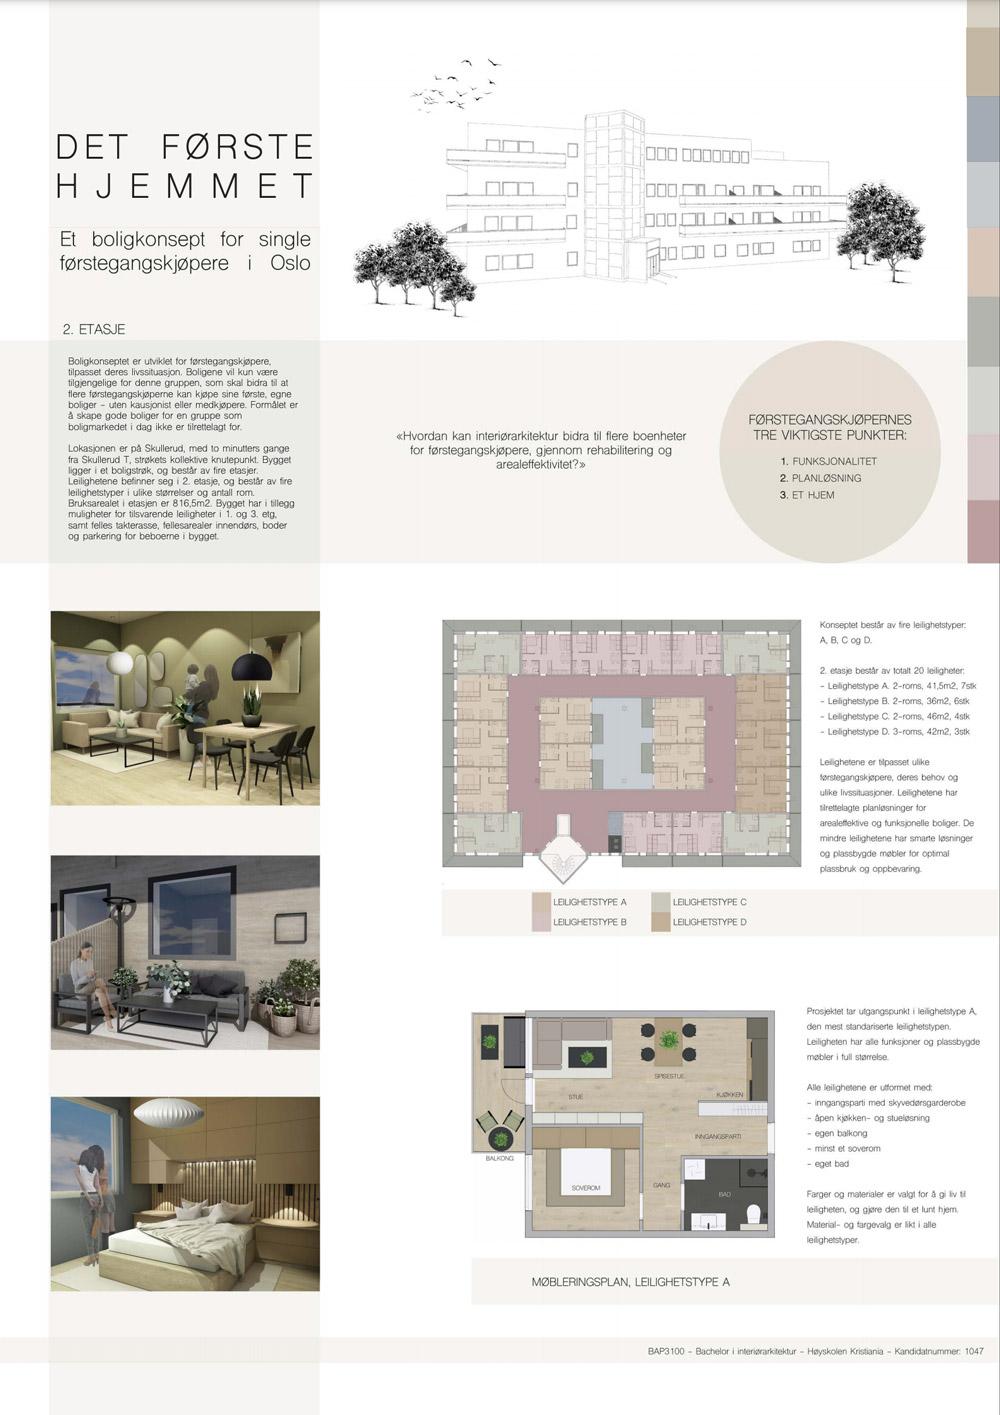 Westerdals institutt for kreativitet, fortelling og design - Det første hjemmet - Et boligkonsept for førstegangskjøpere i Oslo